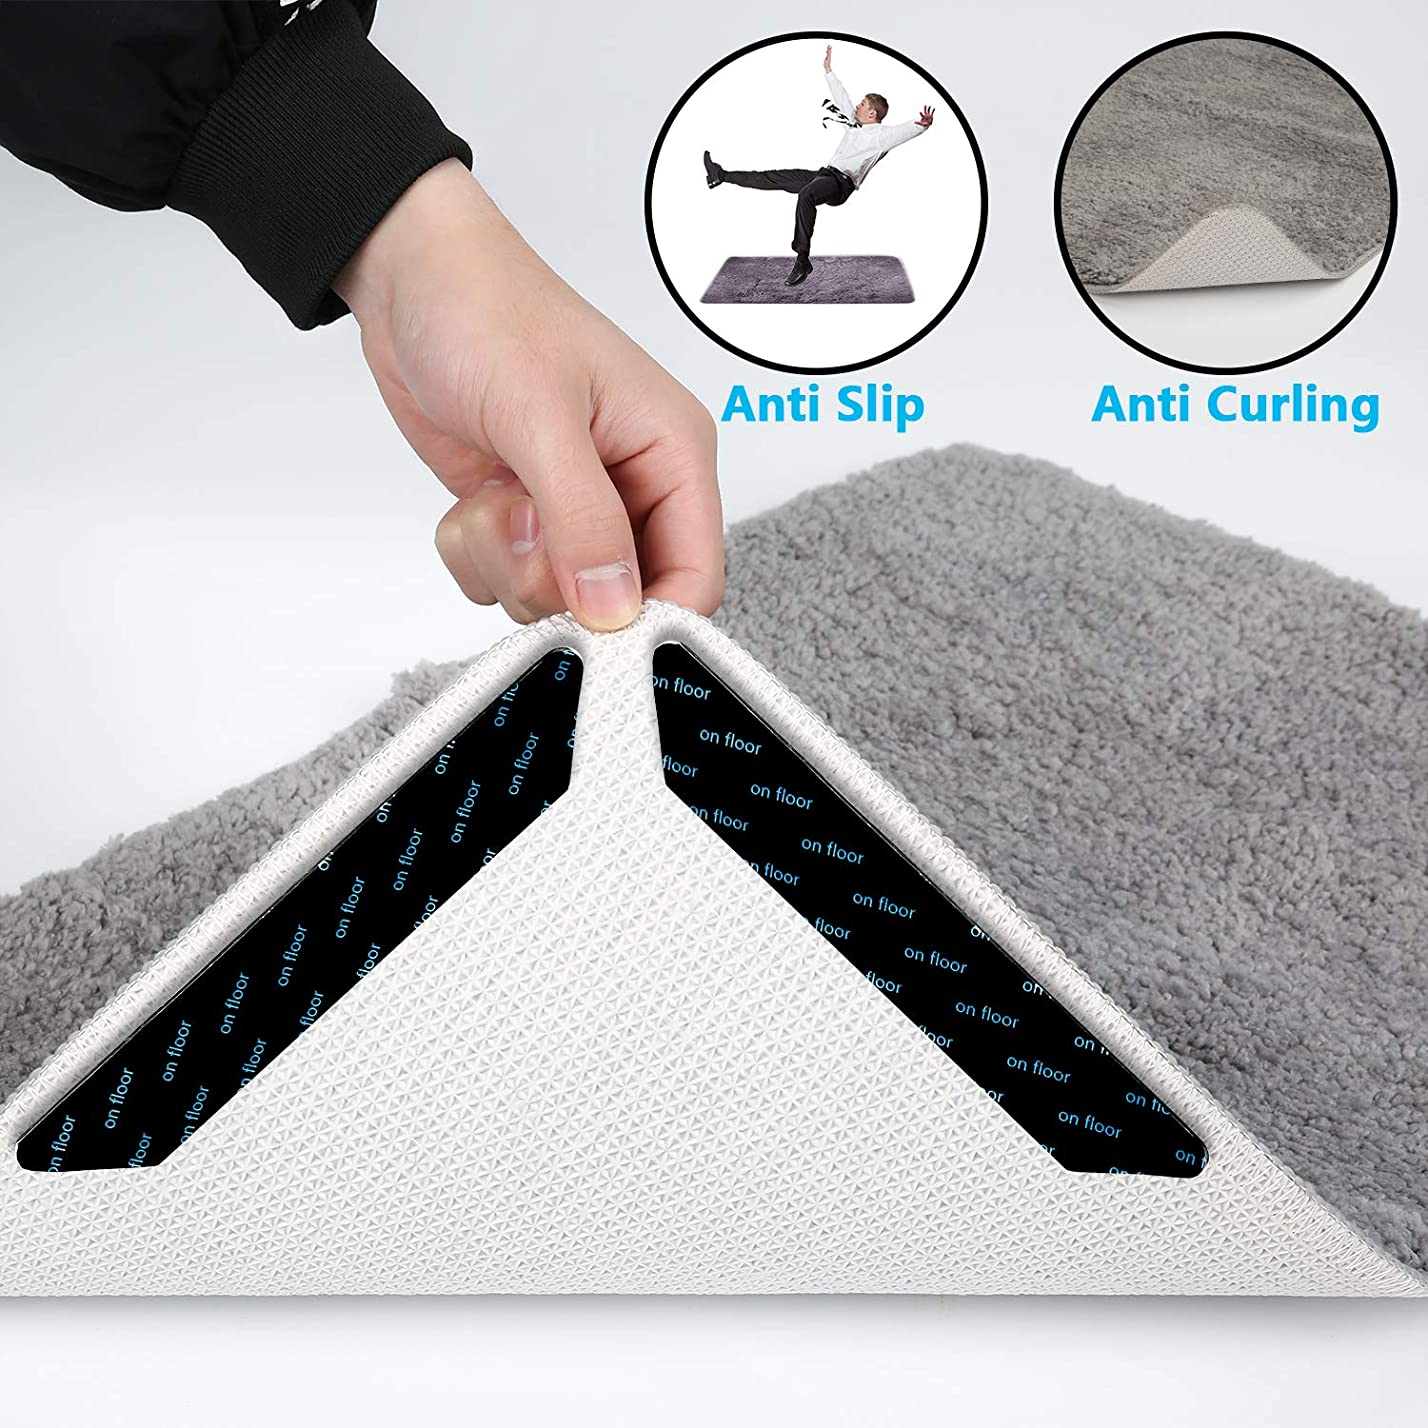 説明的偏心塊ラググリッパー 12個 Lサイズ シャボー カーペット グリッパー アンチカーリング ノンスリップ & スライド ラグストッパー - ラグを所定の位置に保ち、コーナーを平らに保ち、洗濯可能なテープグリッパーでトラフィックオンランナーに安全 (ブラック)